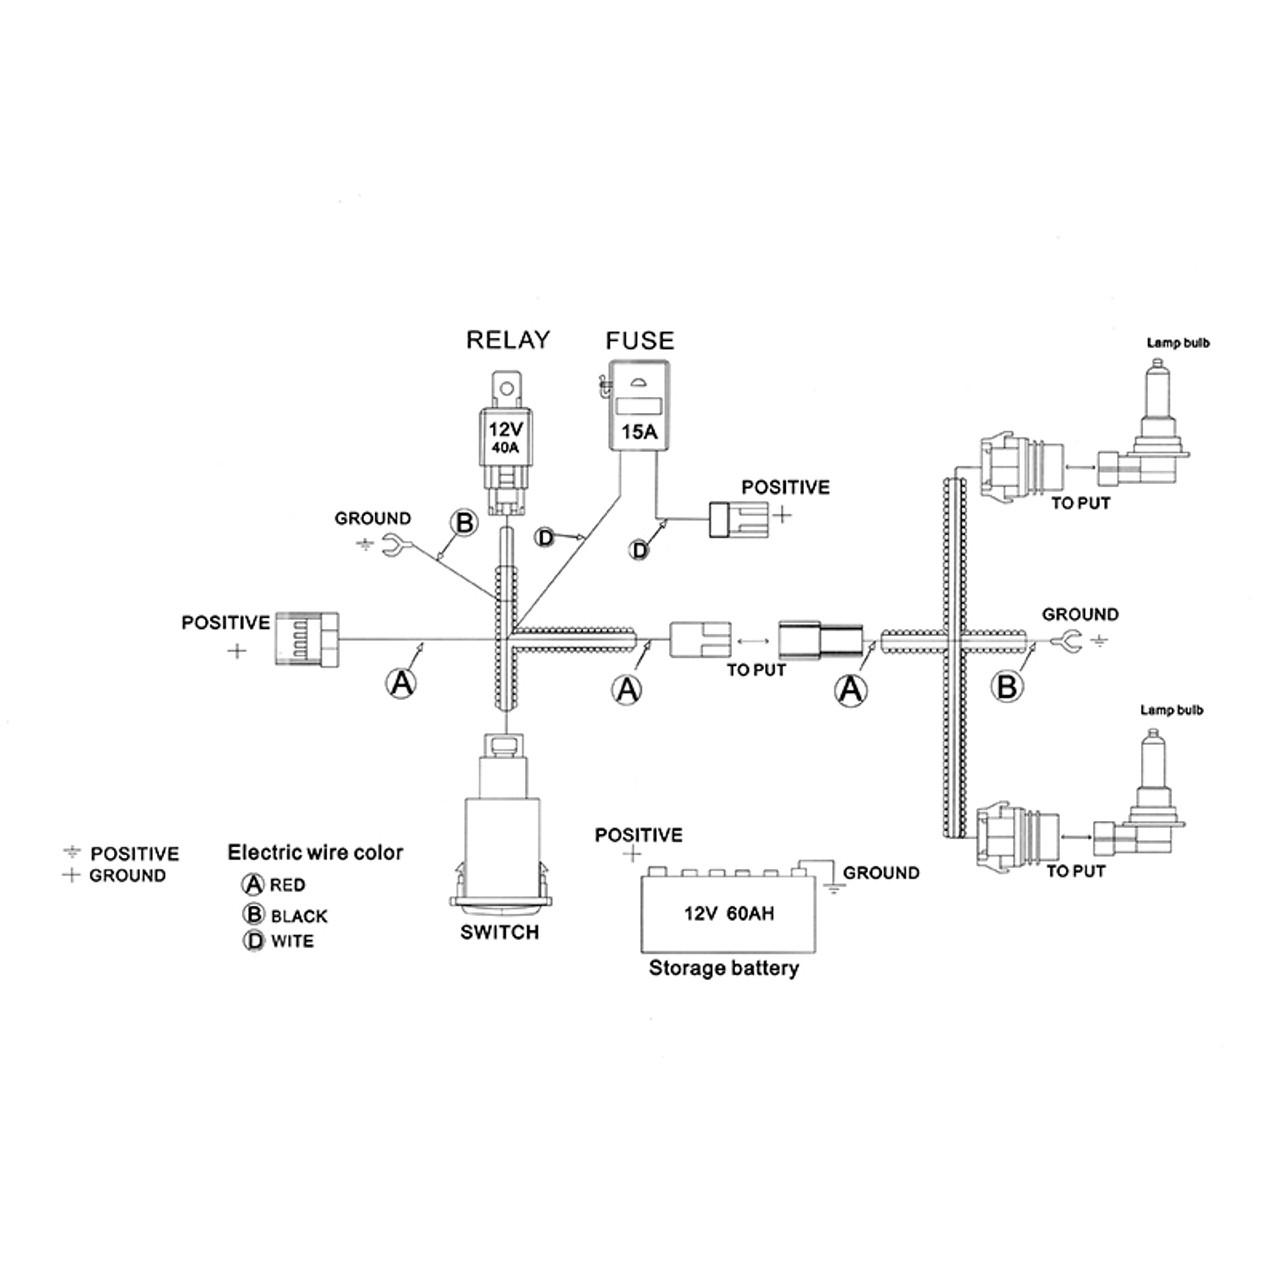 Spec D Wiring Diagrams Of Lights - Isuzu Remote Starter Diagram -  foreman.fordwire.warmi.fr | Spec D Wiring Diagrams Of Lights |  | Wiring Diagram Resource